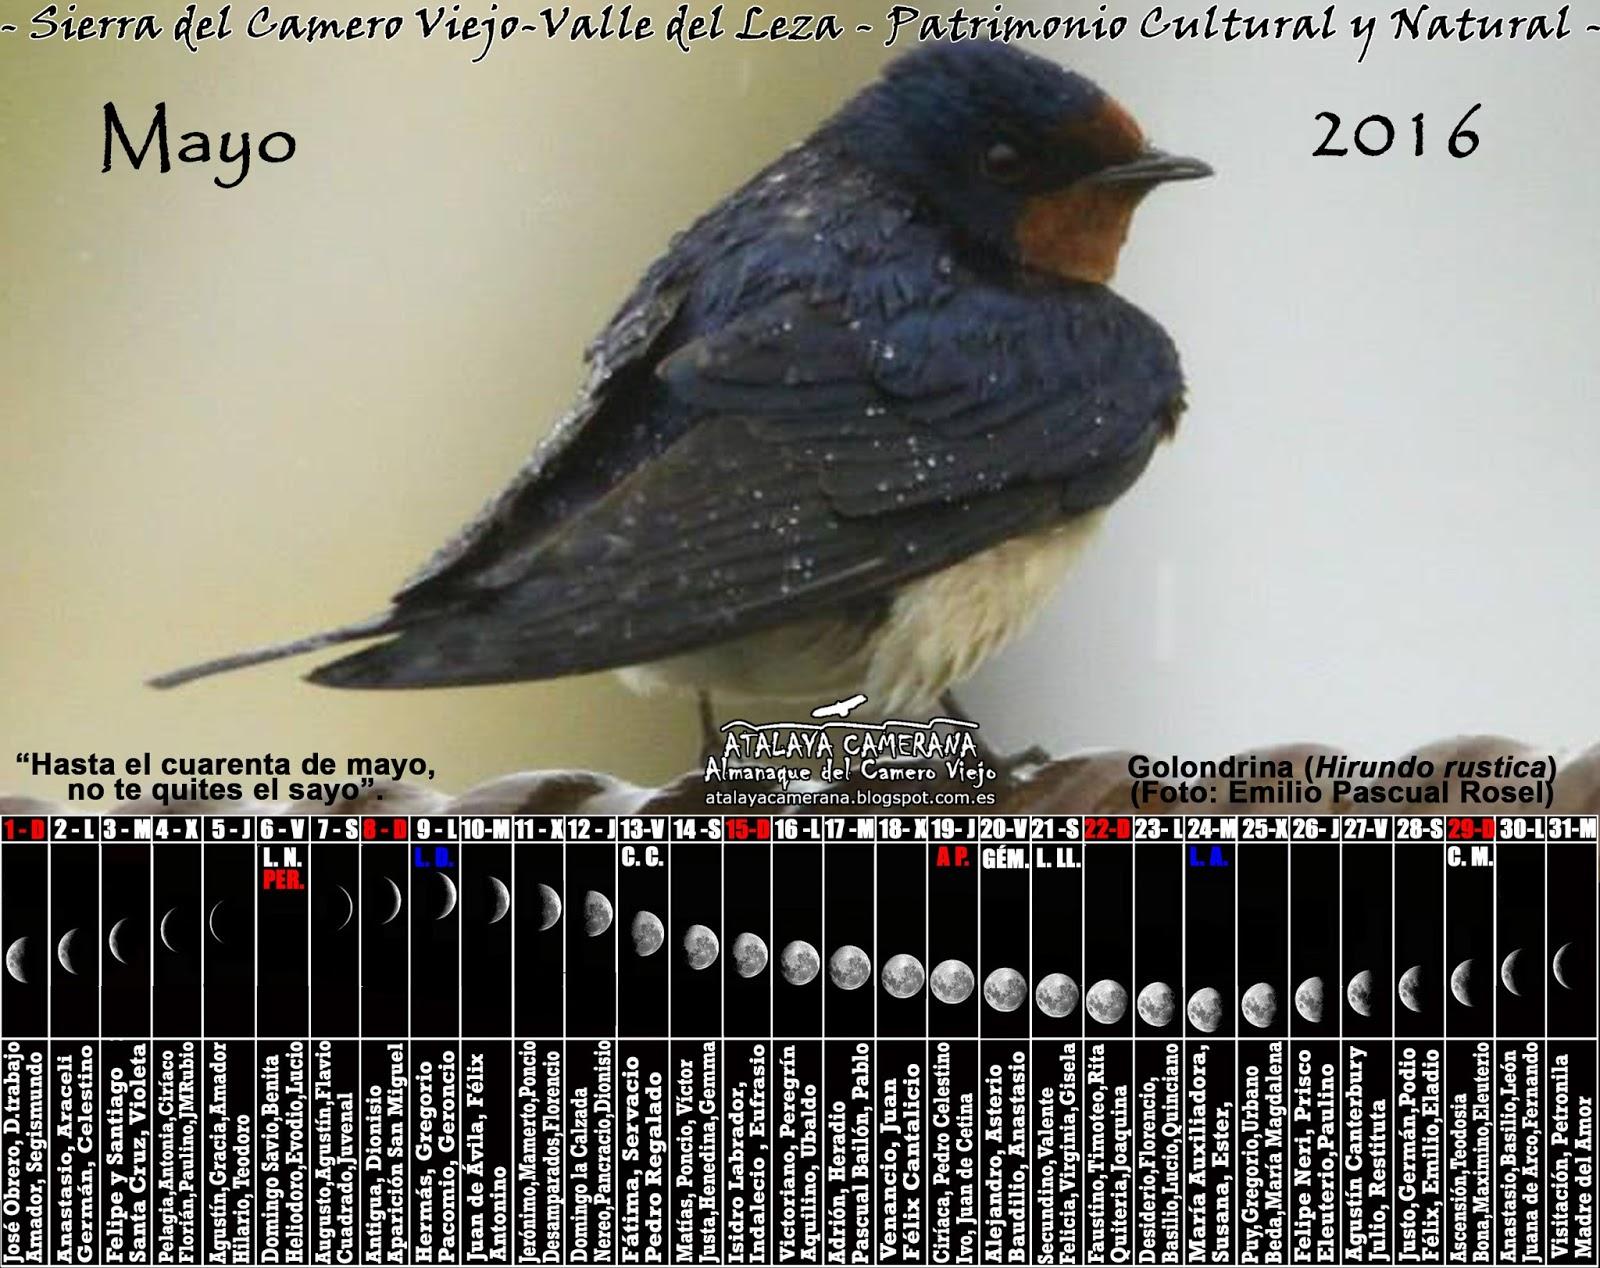 Atalaya Camerana Almanaque Del Camero Viejo Calendario 2016